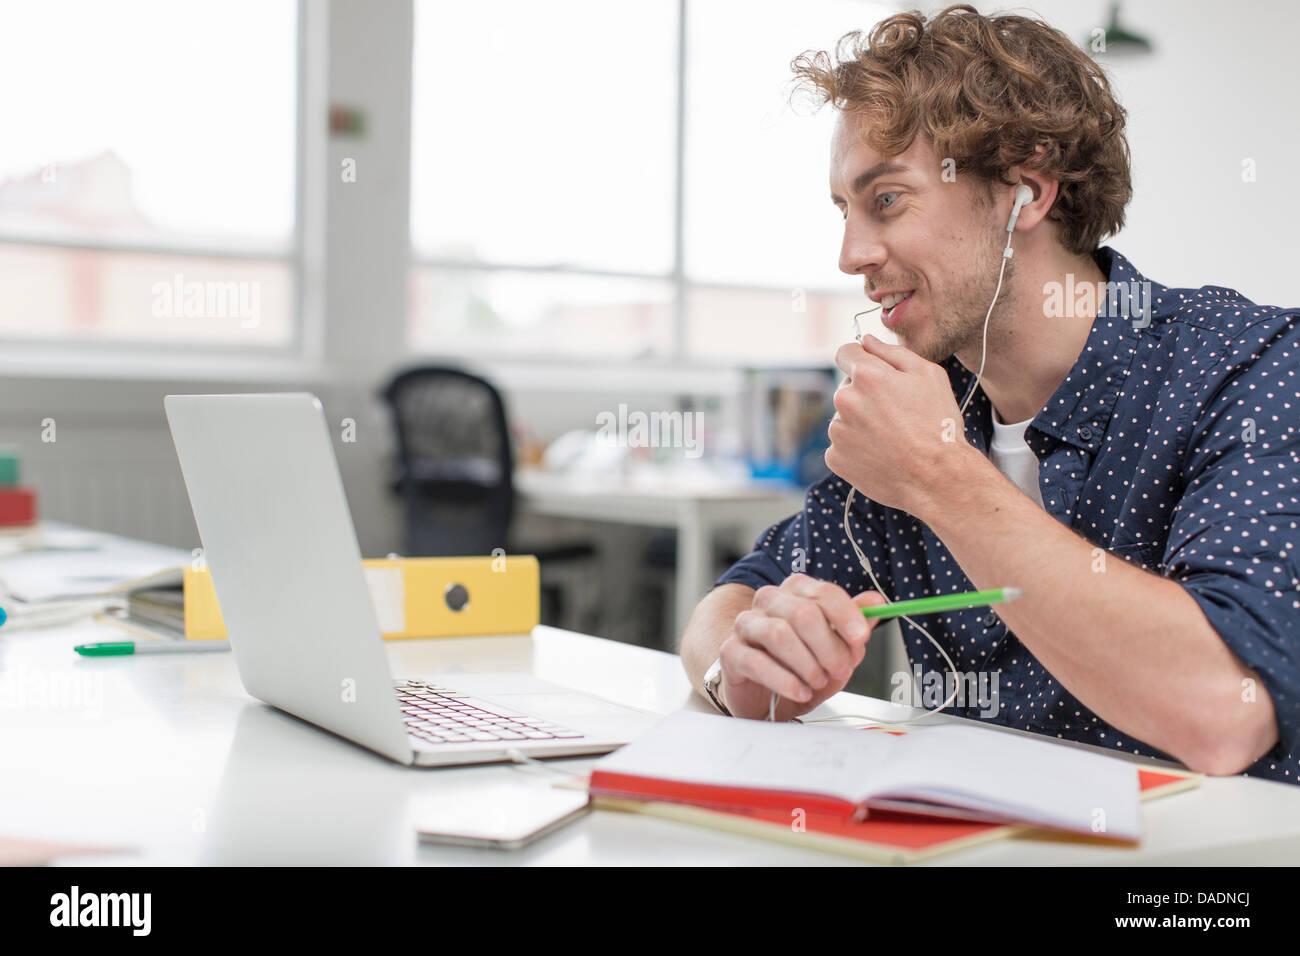 Junge Büroangestellte mit Laptop und Kopfhörer am Schreibtisch Stockbild